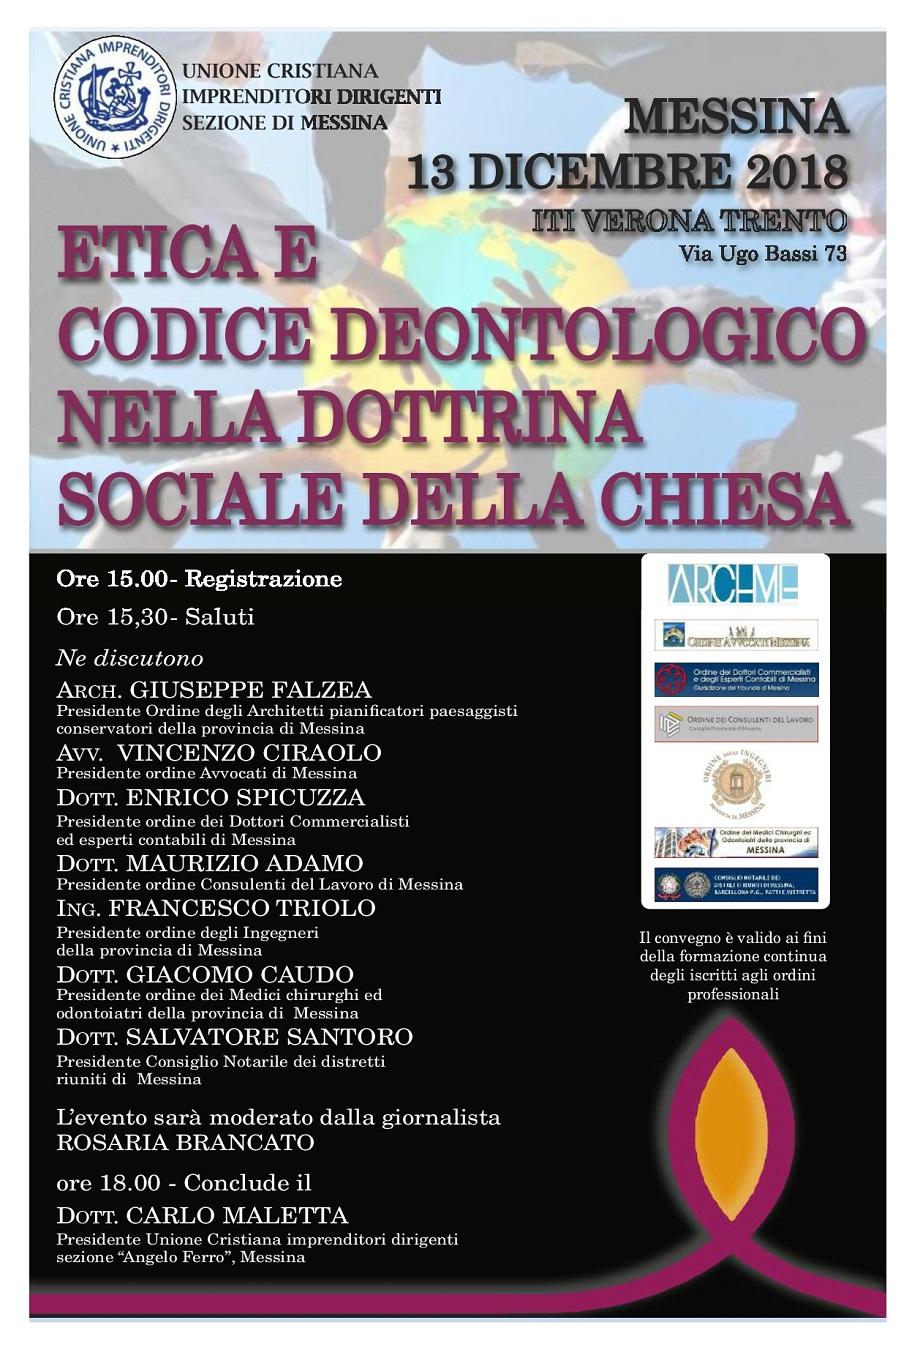 Etica e codice deontologico nella dottrina sociale della chiesa